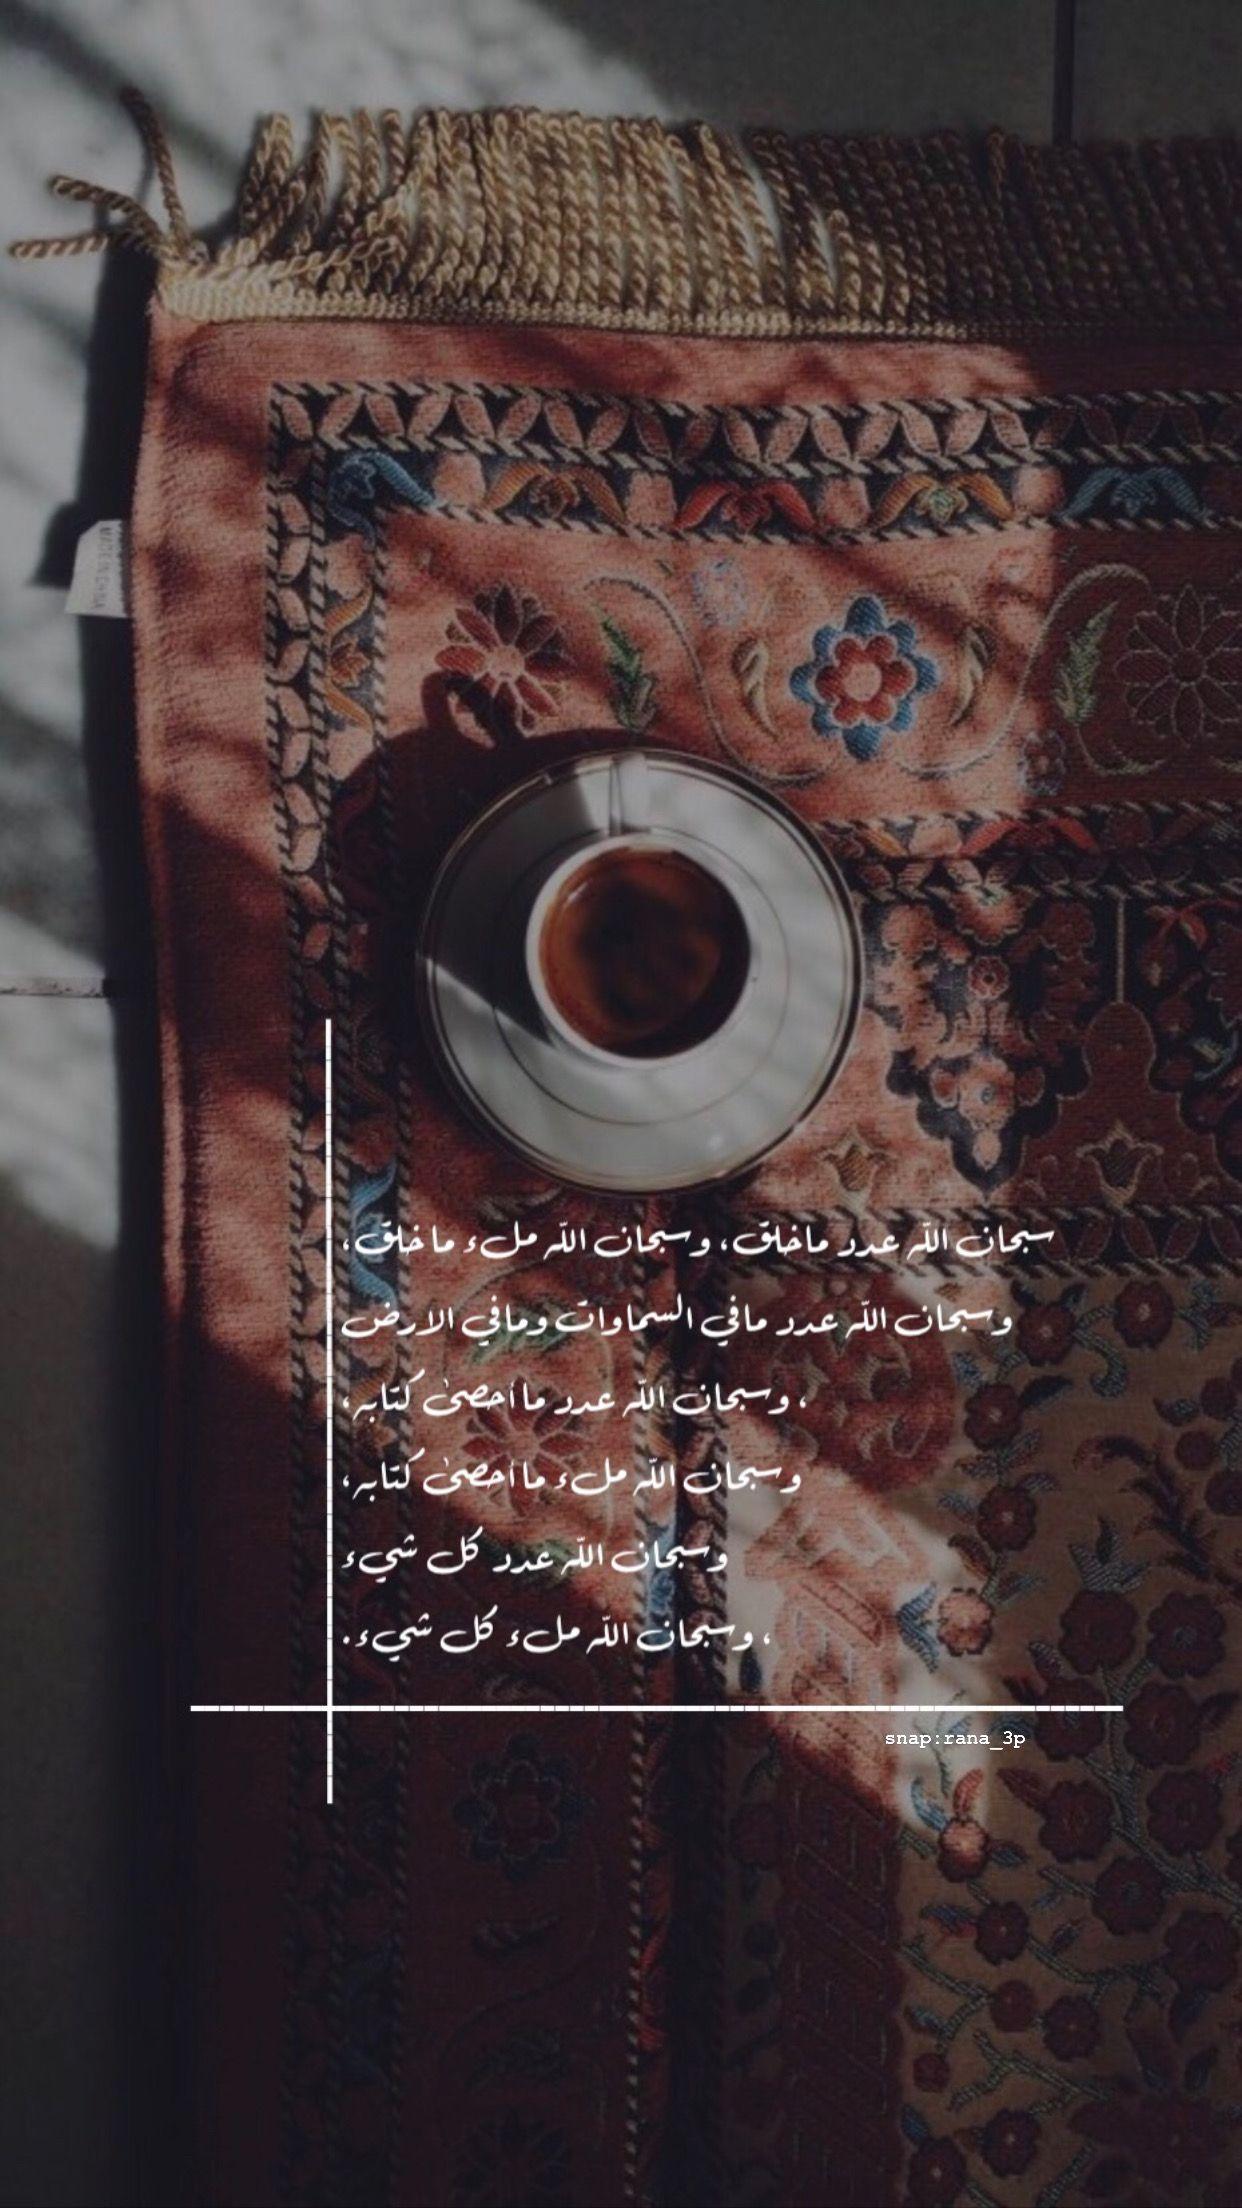 تصوير سناب سنابات سناب شات قهوة ديكور اثاث تصويري مكة جدة السعودية Bear Wallpaper Sarra Art Coffee Flower